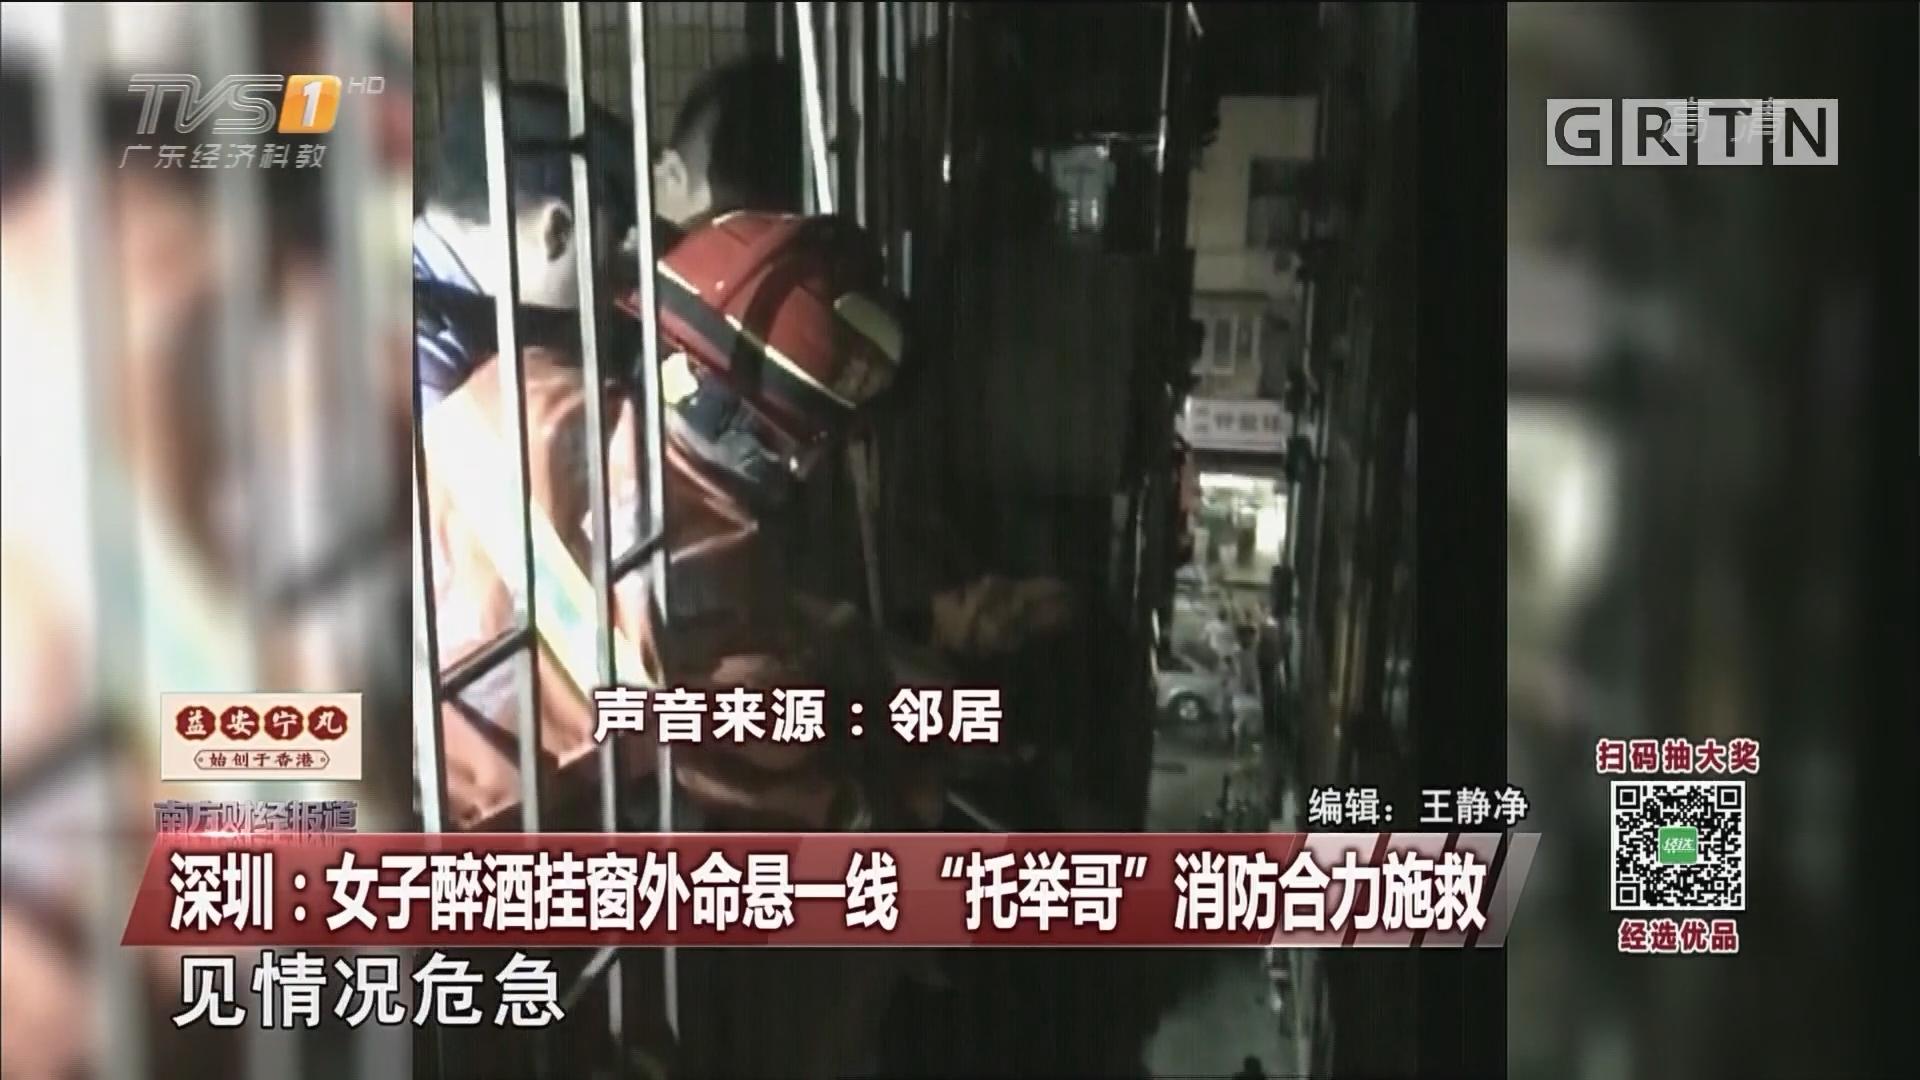 """深圳:女子醉酒挂窗外命悬一线 """"托举哥"""" 消防合力施救"""